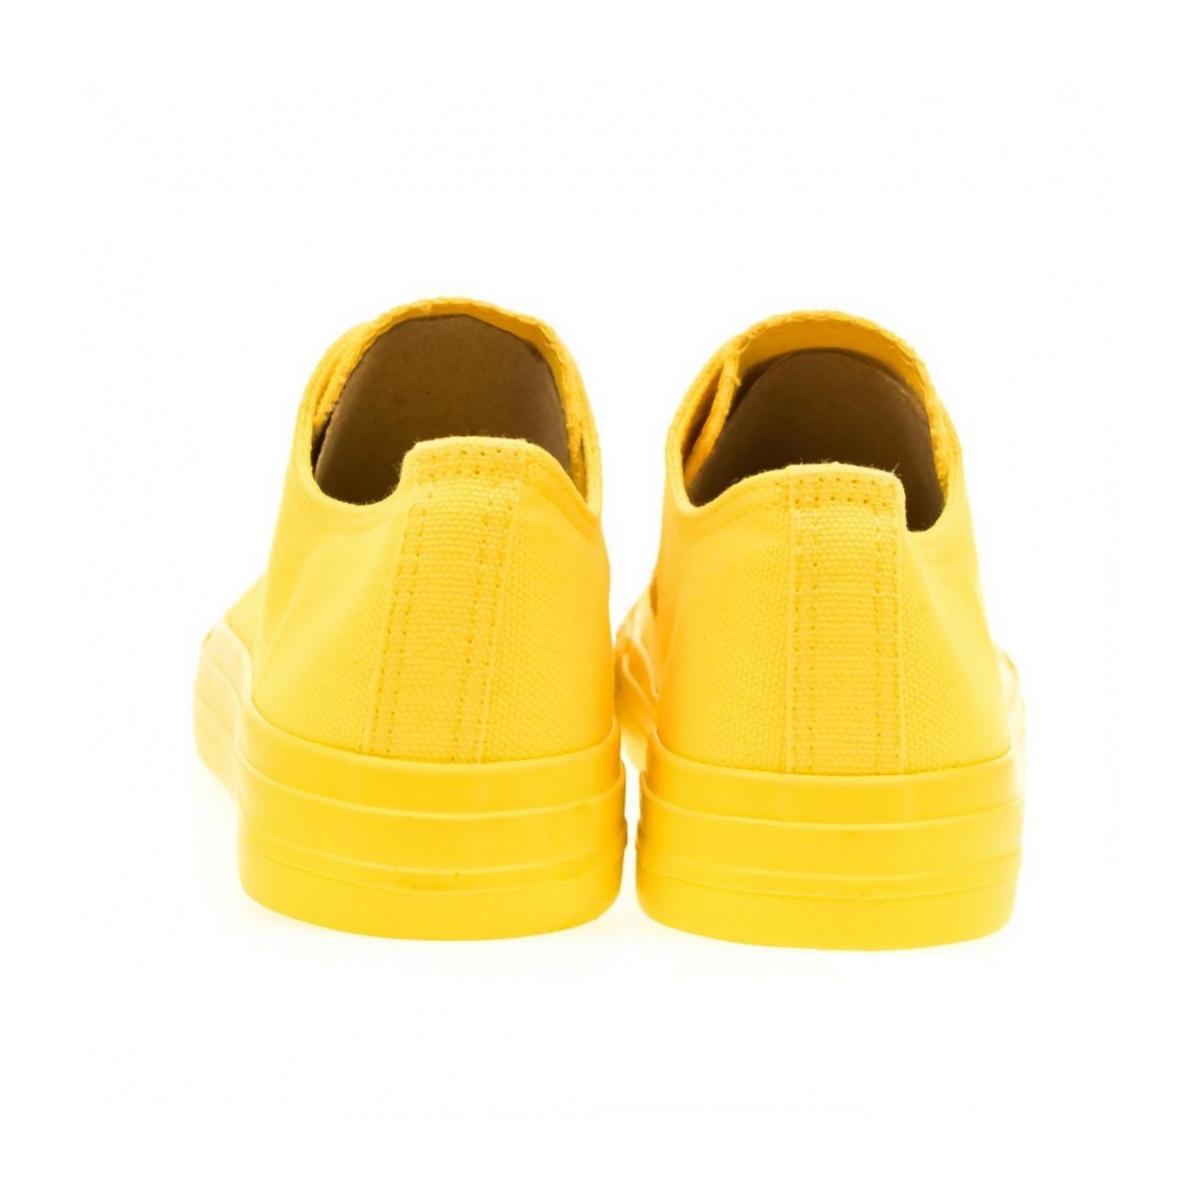 ef3d227d60d7 Dámske žlté tenisky REINA - 3